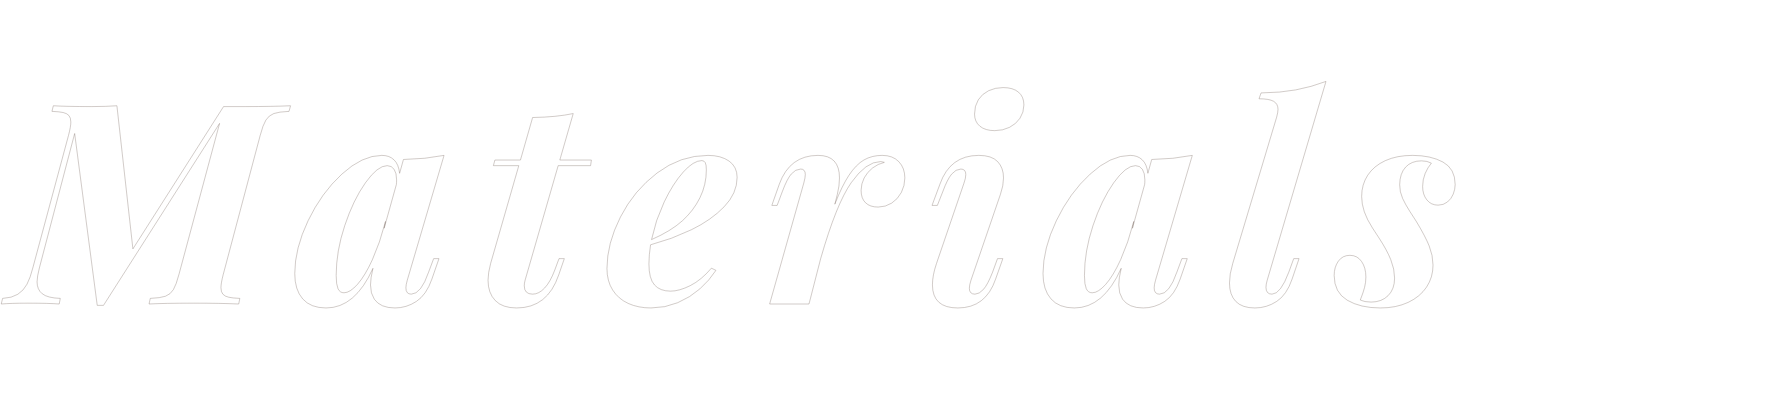 Materials text